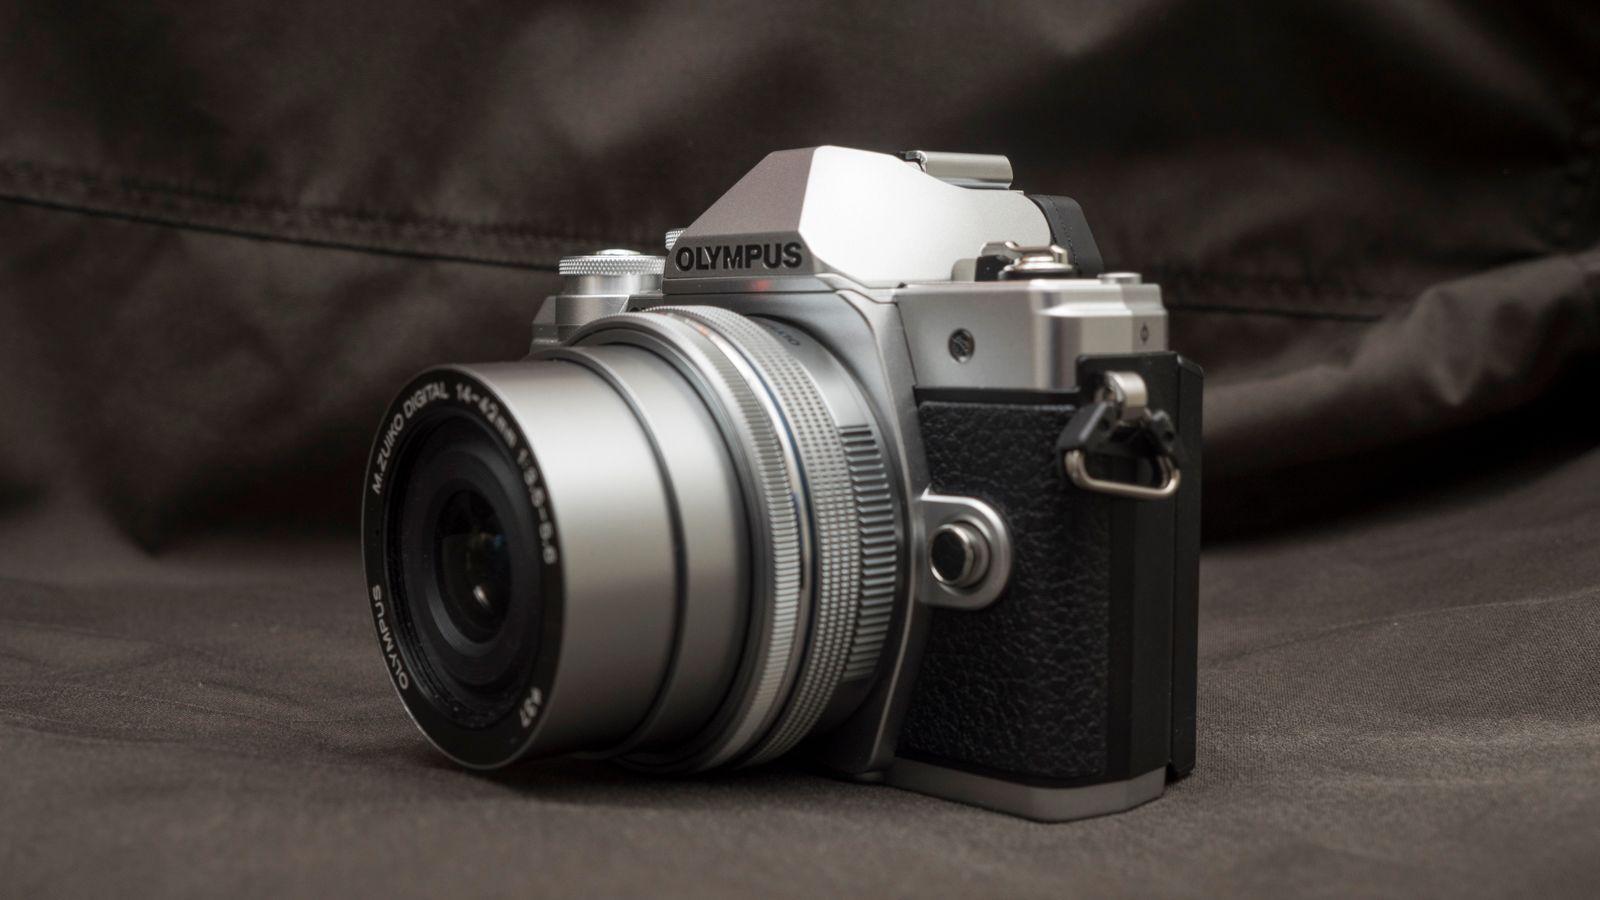 Du får valuta for pengene med E-M10 III, men Panasonic GX80 er et litt rimeligere alternativ med mye av de samme mulighetene. Bilde: Kristoffer Møllevik